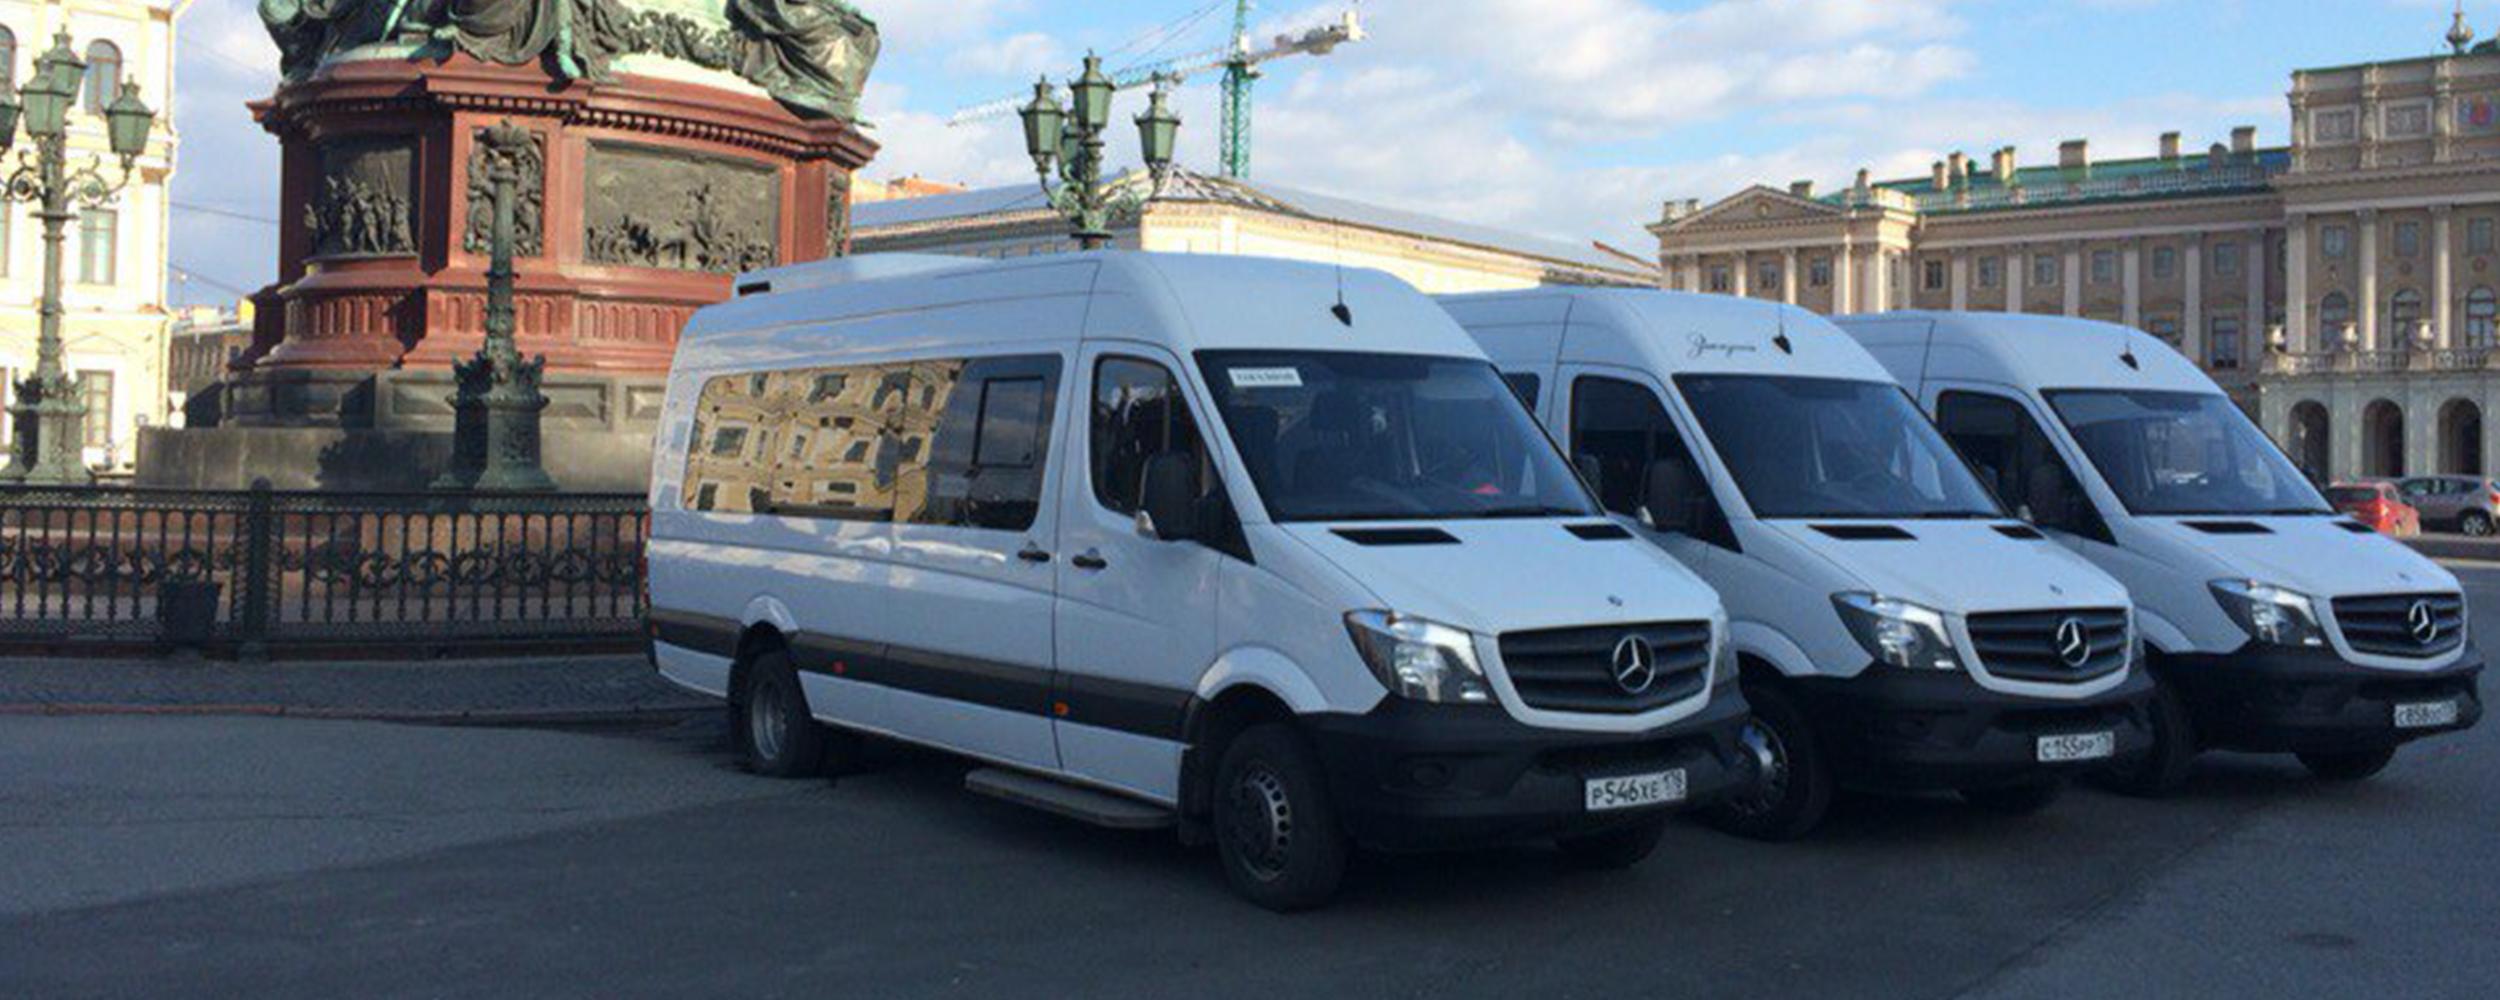 Индивидуальная экскурсия в Петергоф (Автомобильная)